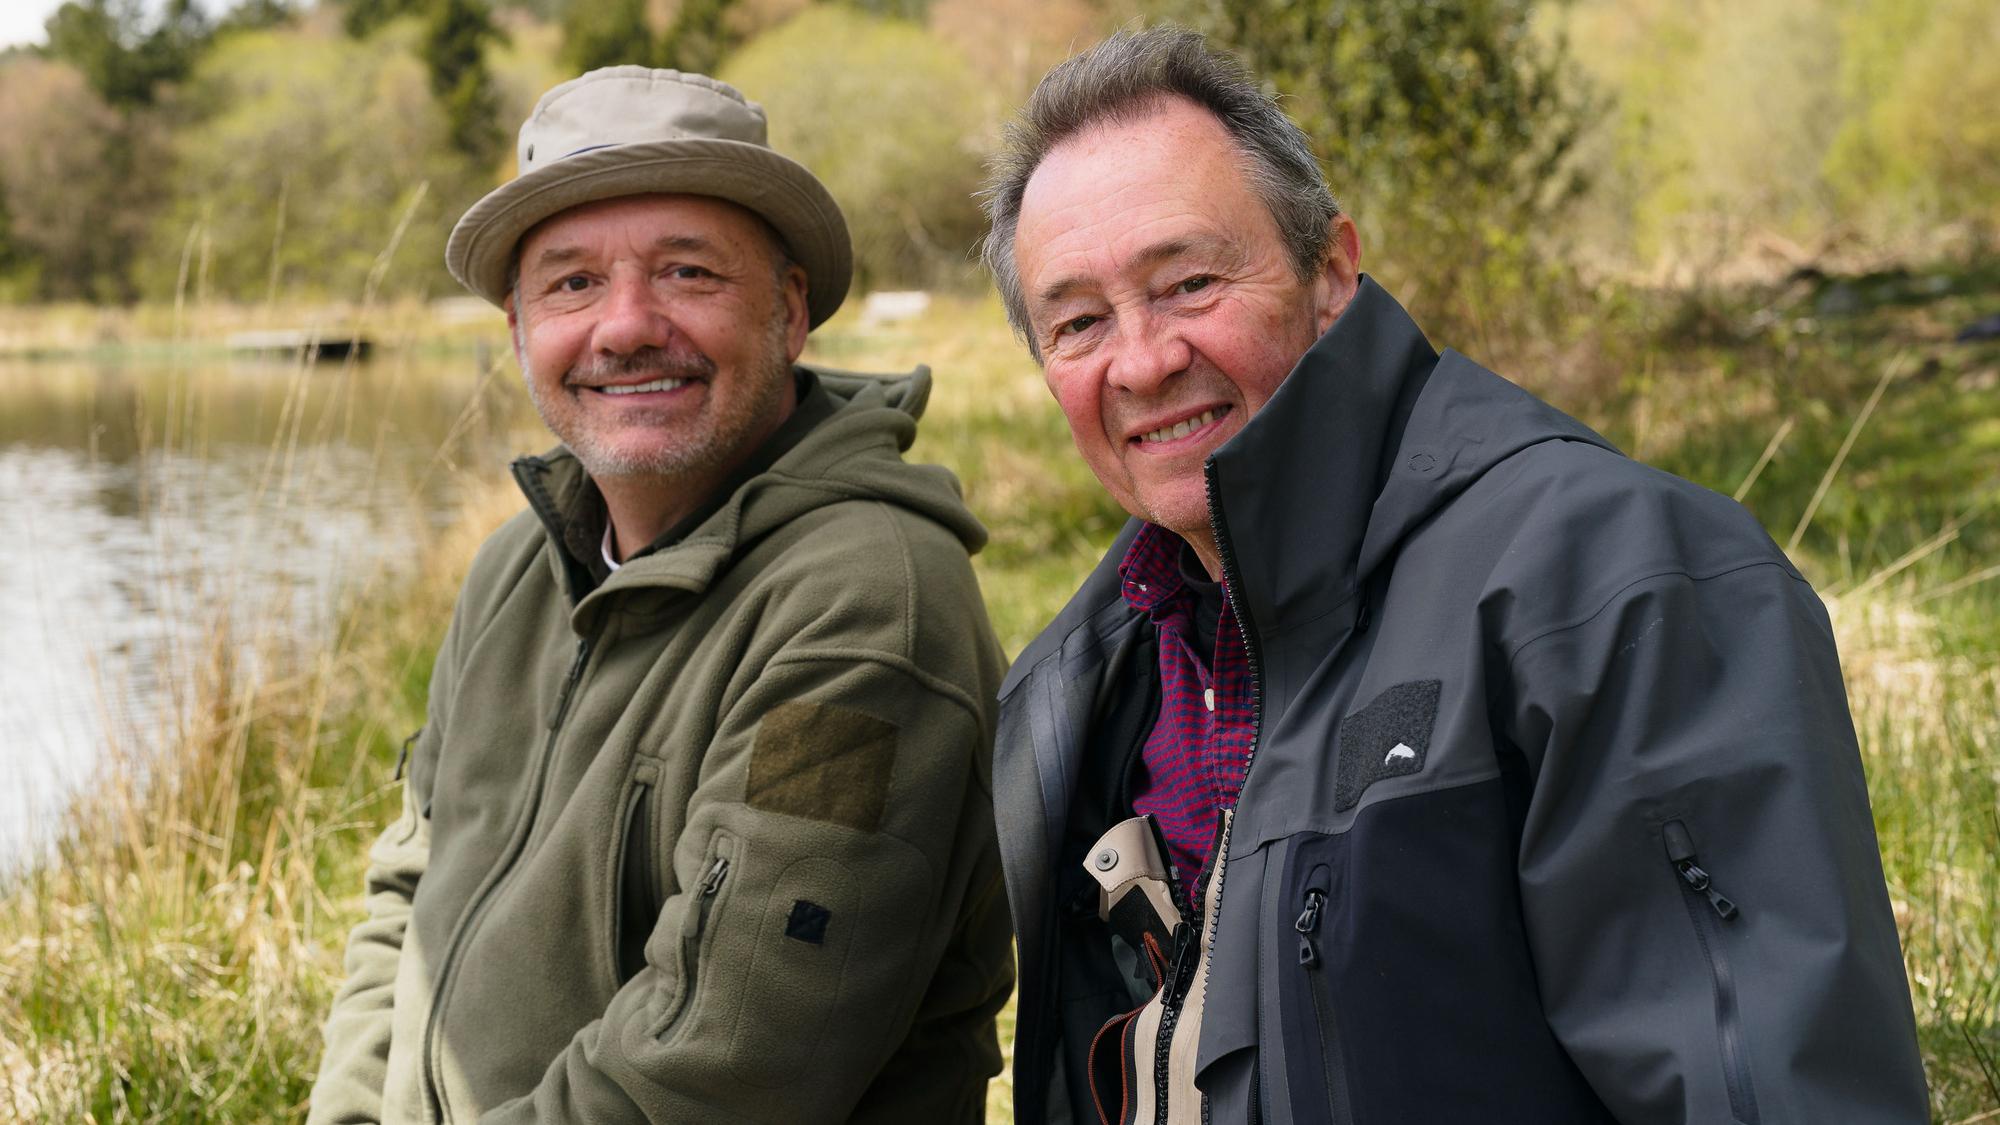 Los mejores espectáculos de pesca: Mortimer y Whitehouse Gone Fishing